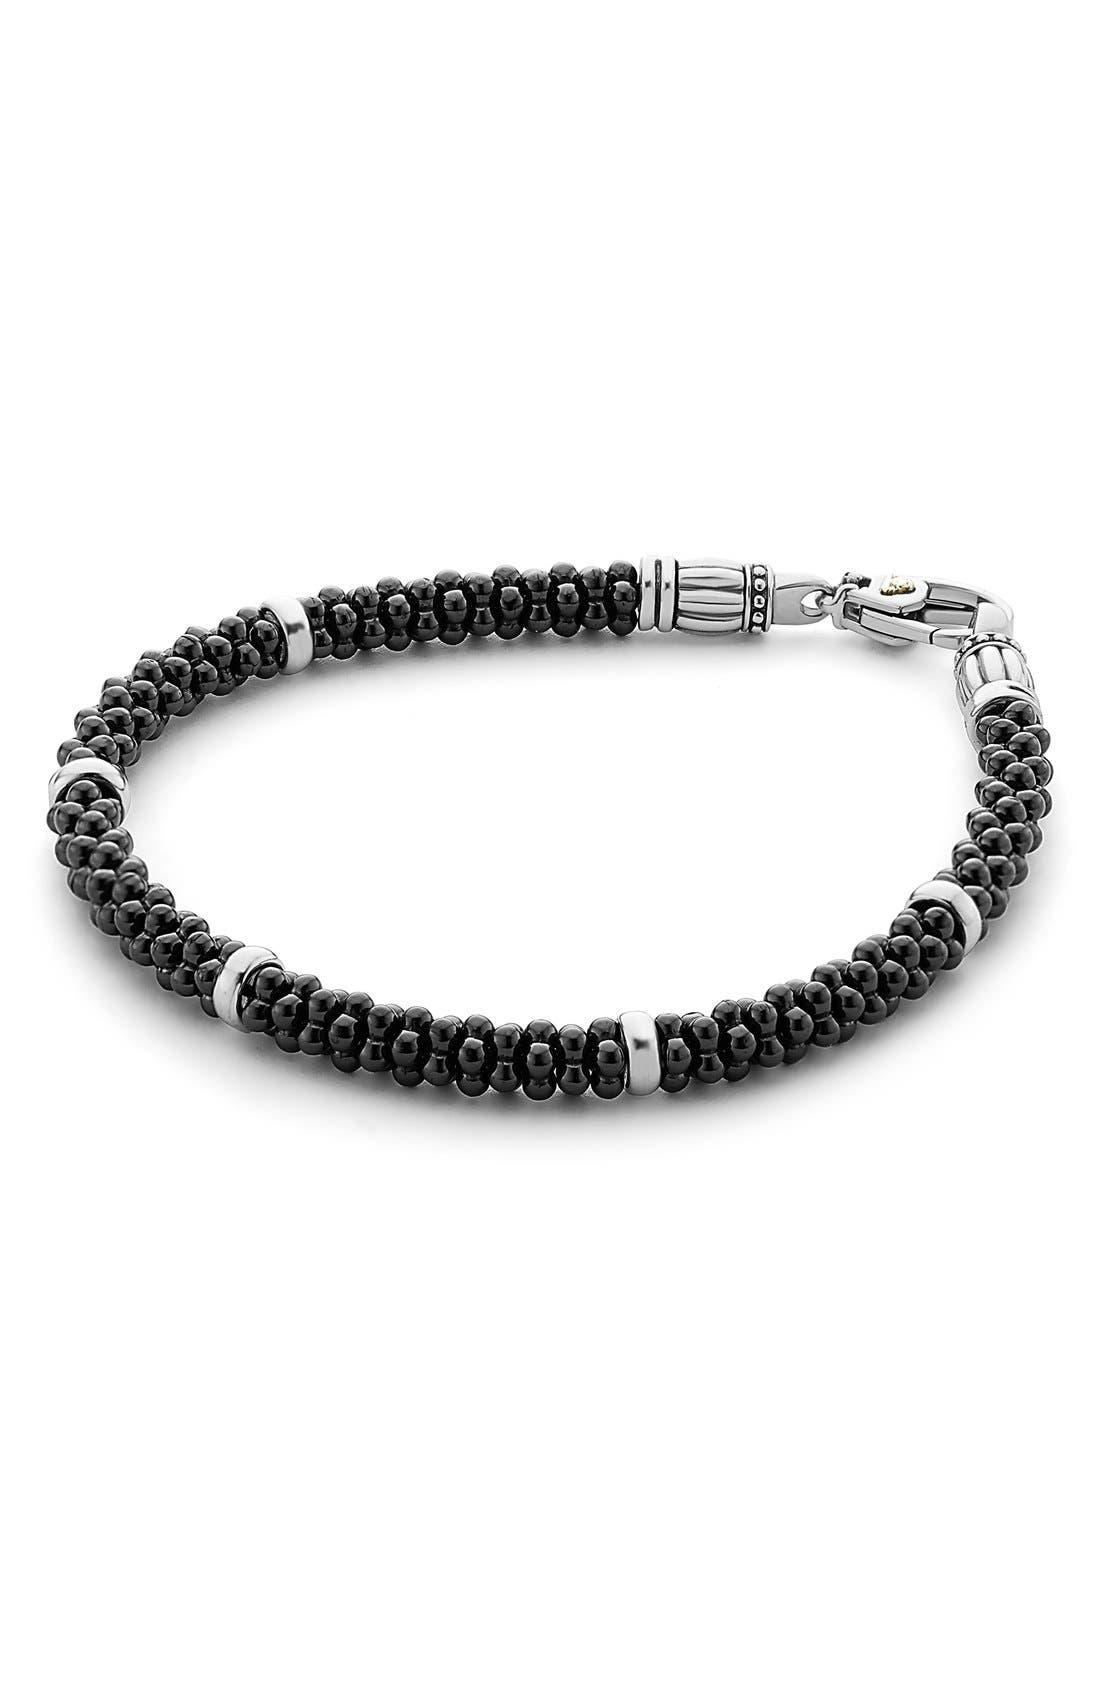 'Black & White Caviar' Bracelet,                             Main thumbnail 1, color,                             BLACK/ SILVER